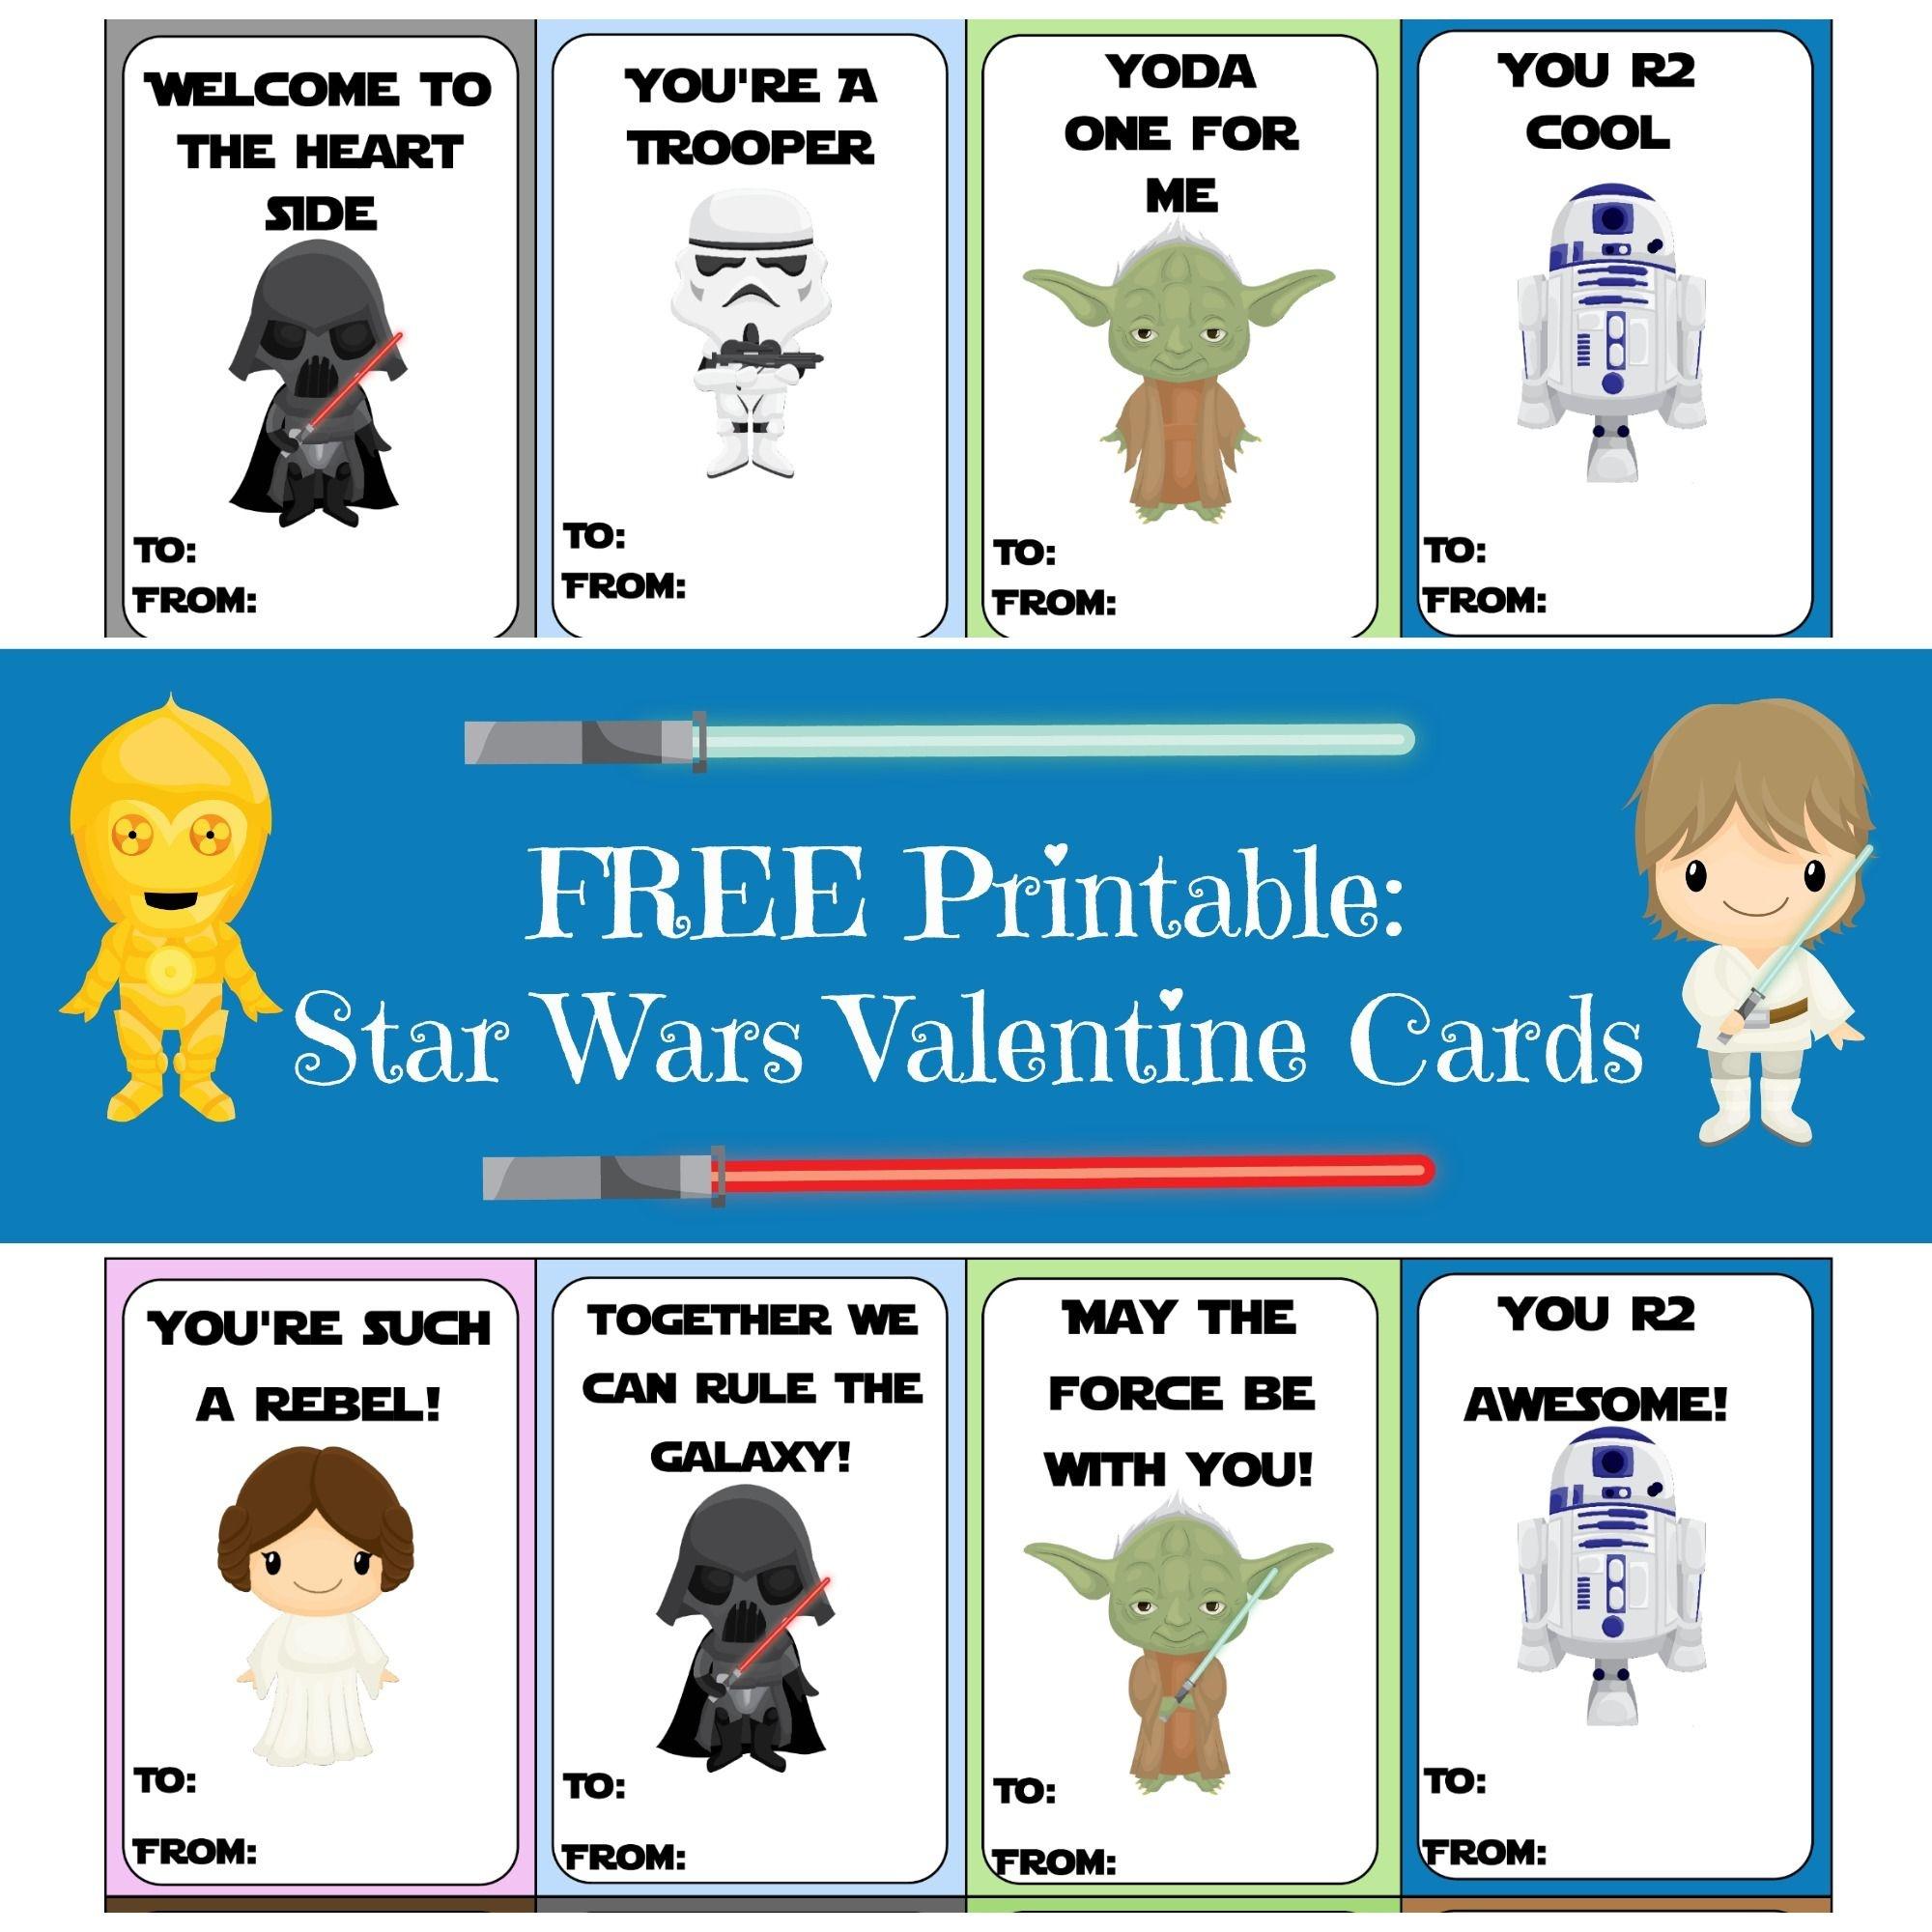 Valentine Card Round-Up   Printables   Starwars Valentines Cards - Free Printable Lego Star Wars Valentines